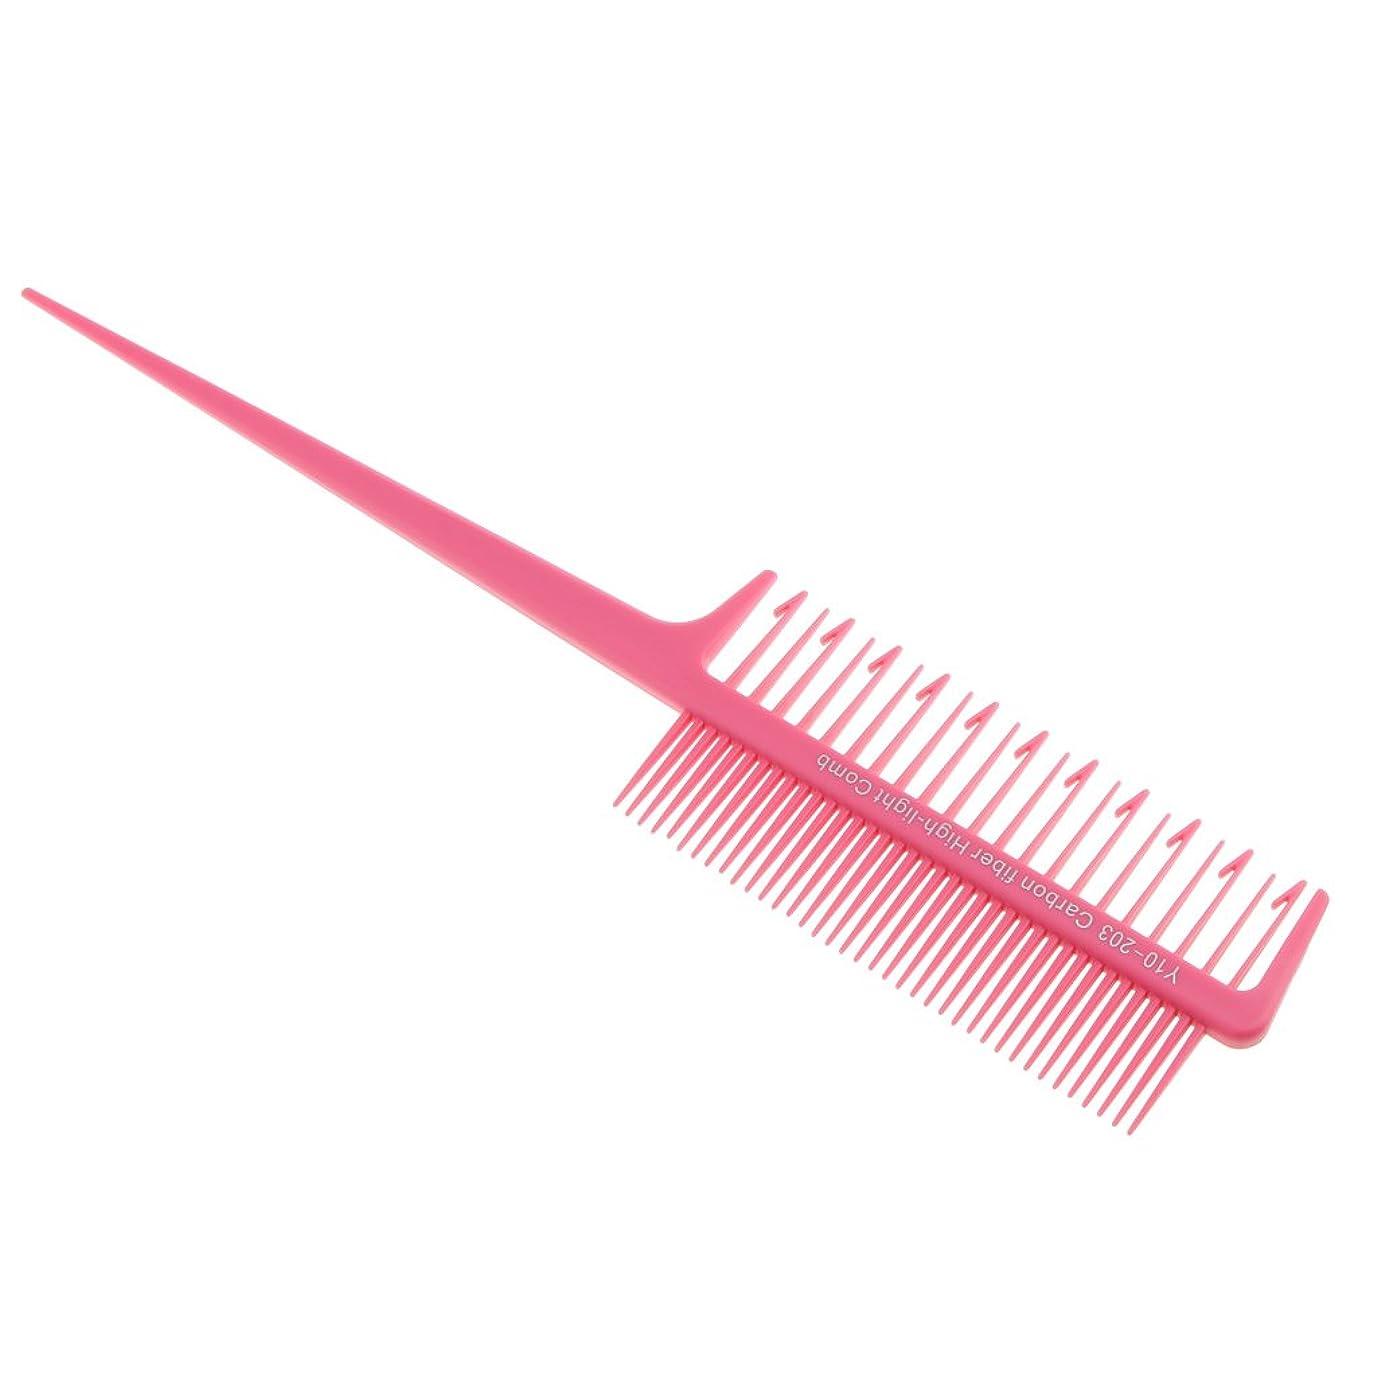 延ばす炎上メルボルンBlesiya 櫛 織り 染色櫛 ヘアカラー ハイライト 交換 持ち上げ 全4色選べる - ピンク